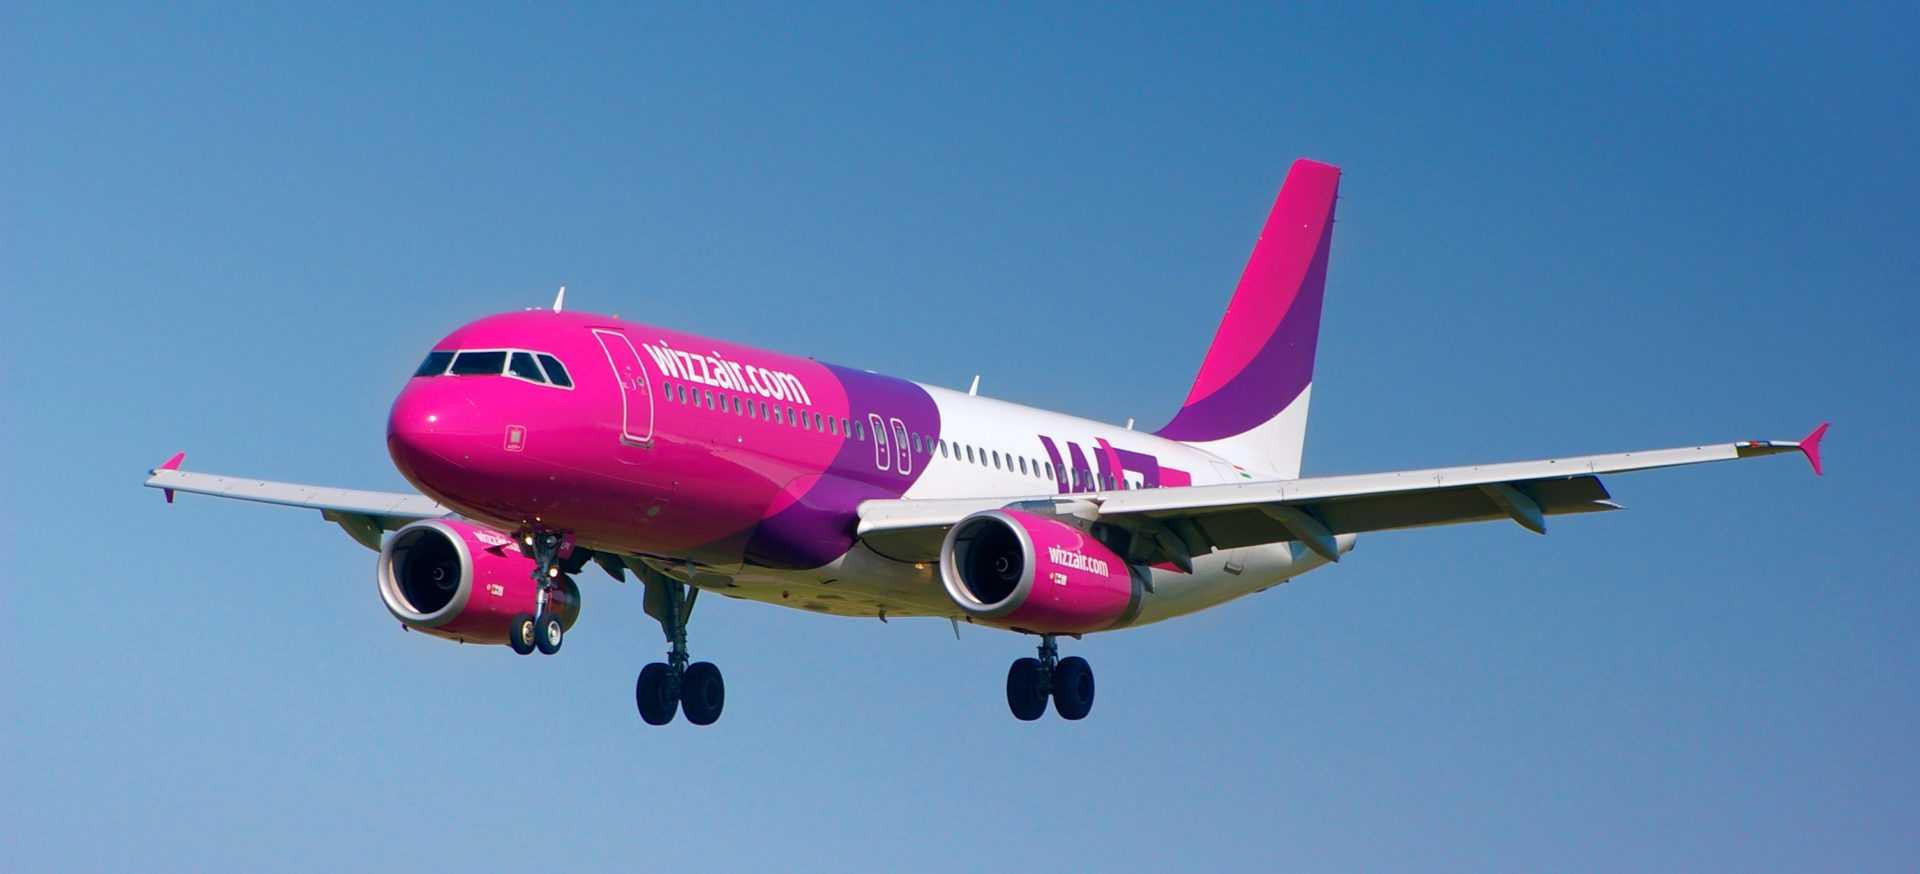 АвиакомпанияWizz Air возобновляет перелеты из Украины